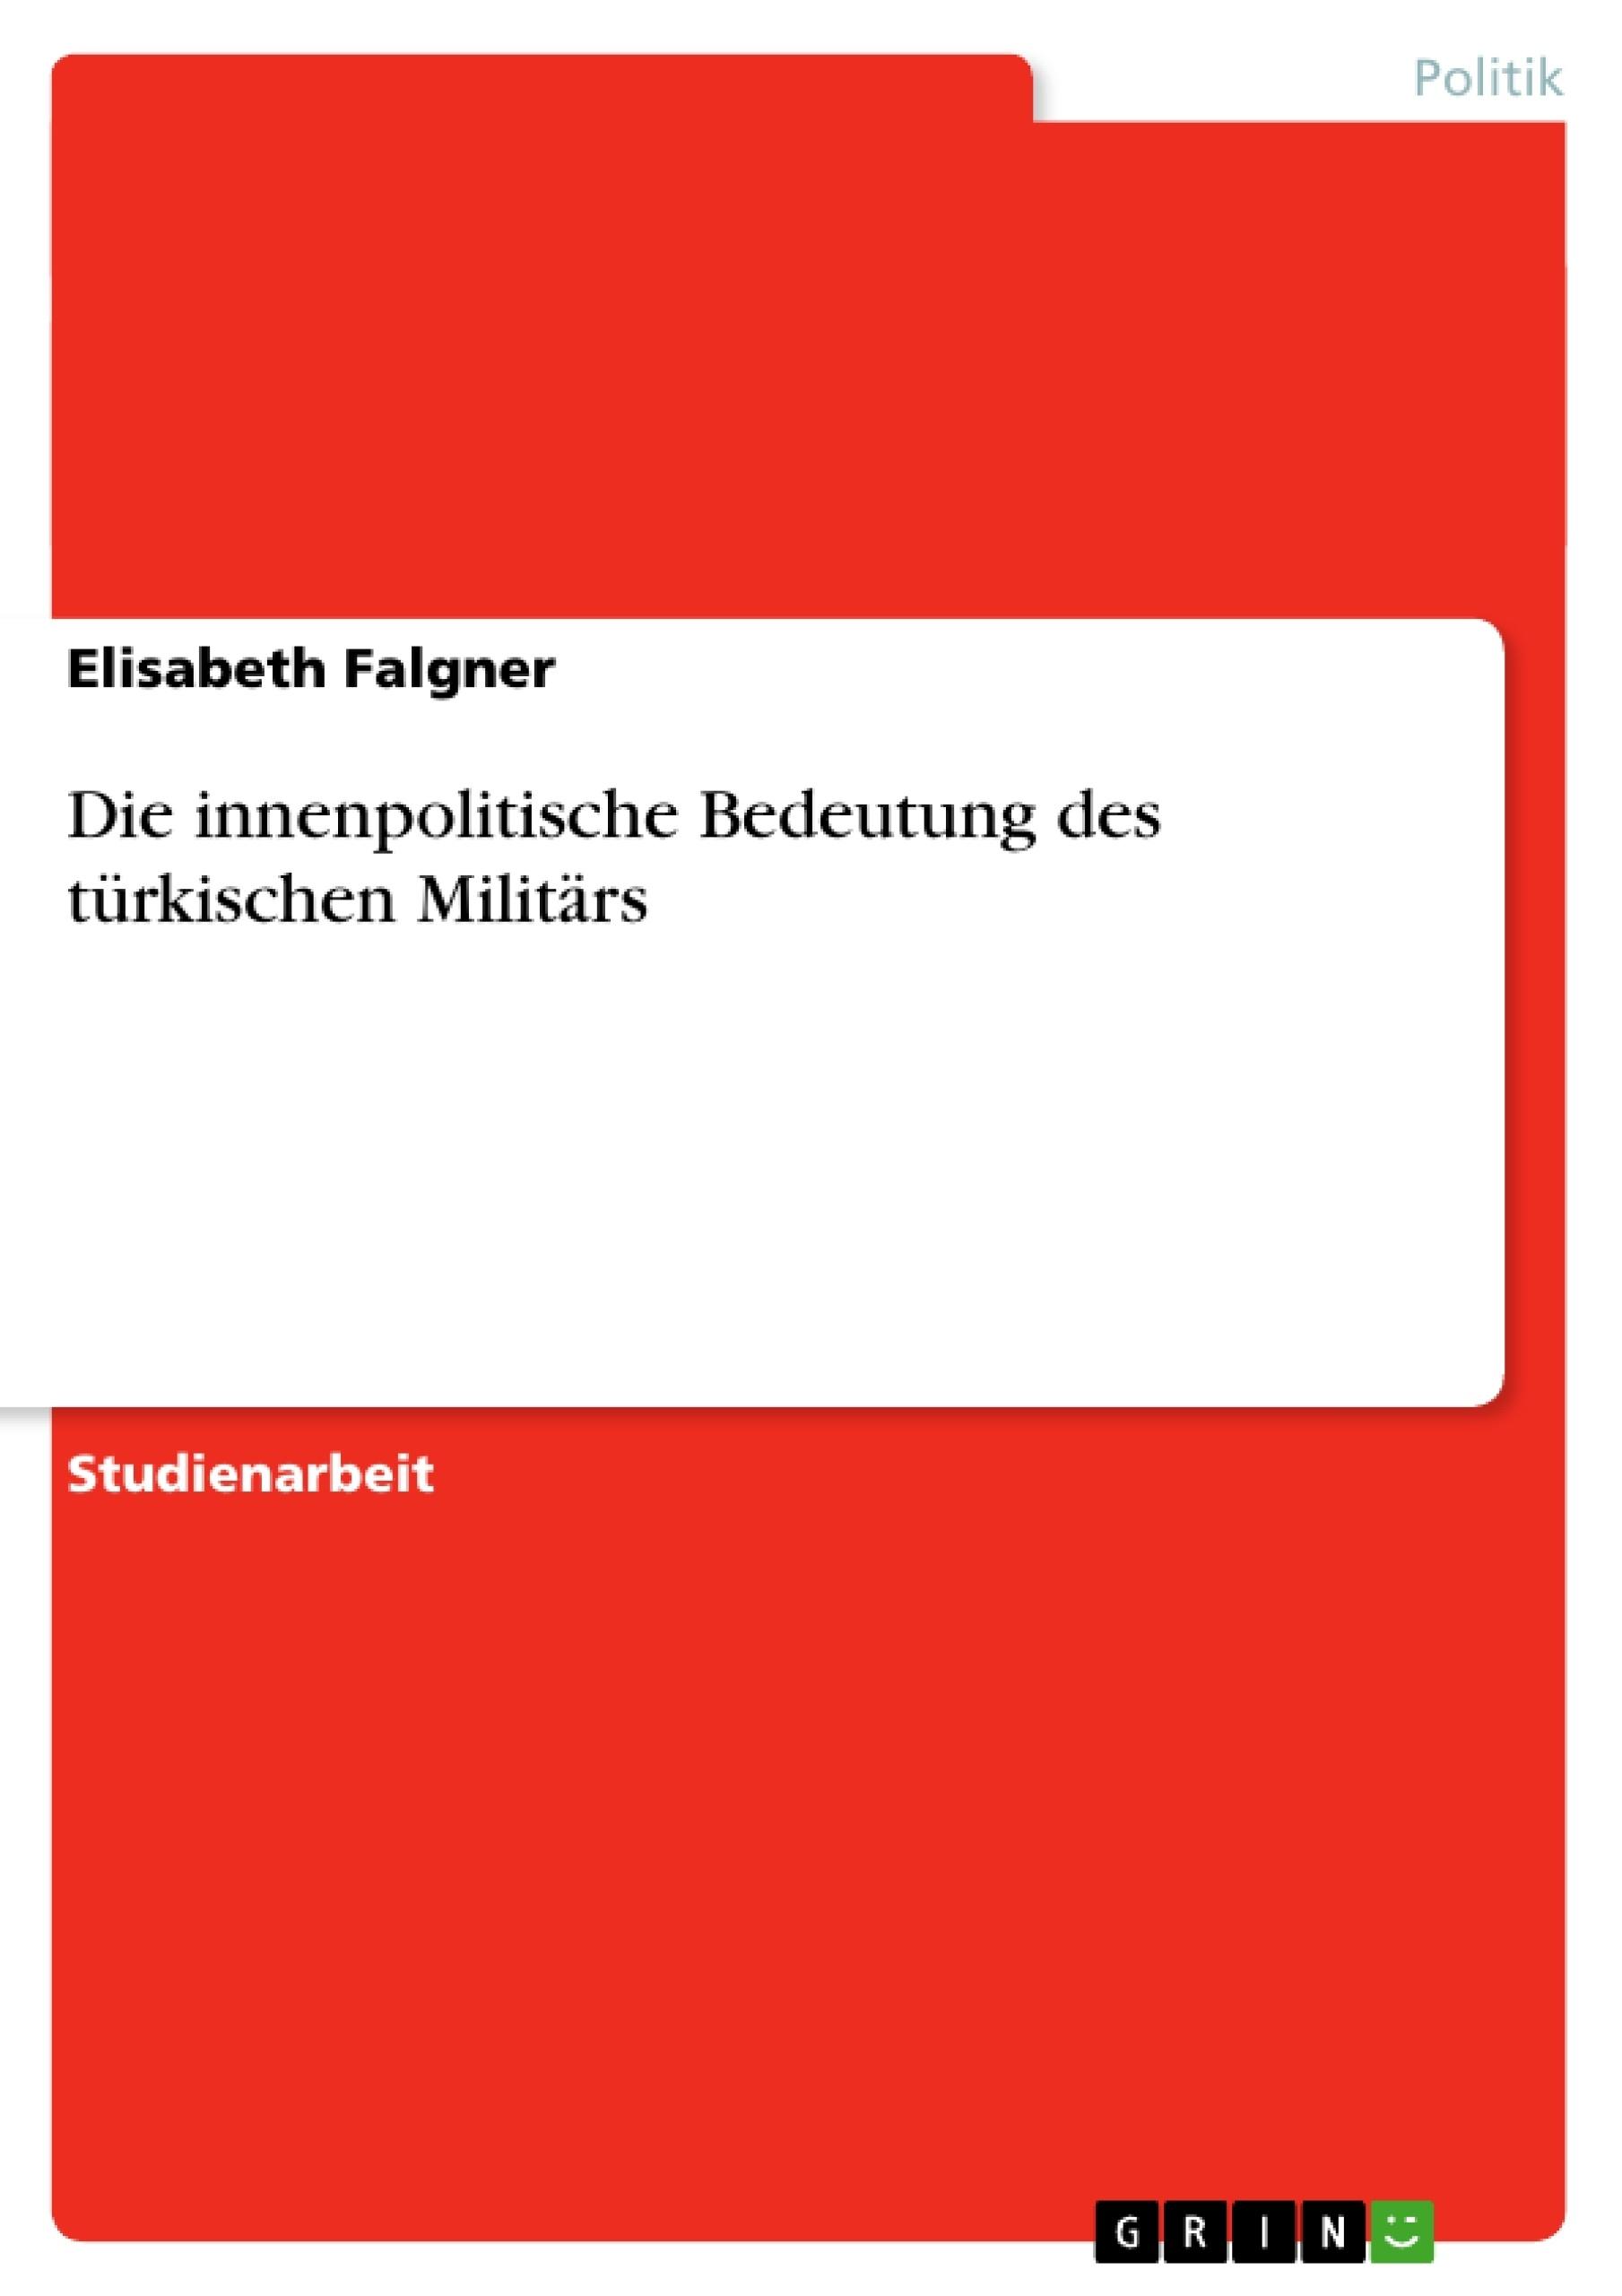 Titel: Die innenpolitische Bedeutung des türkischen Militärs